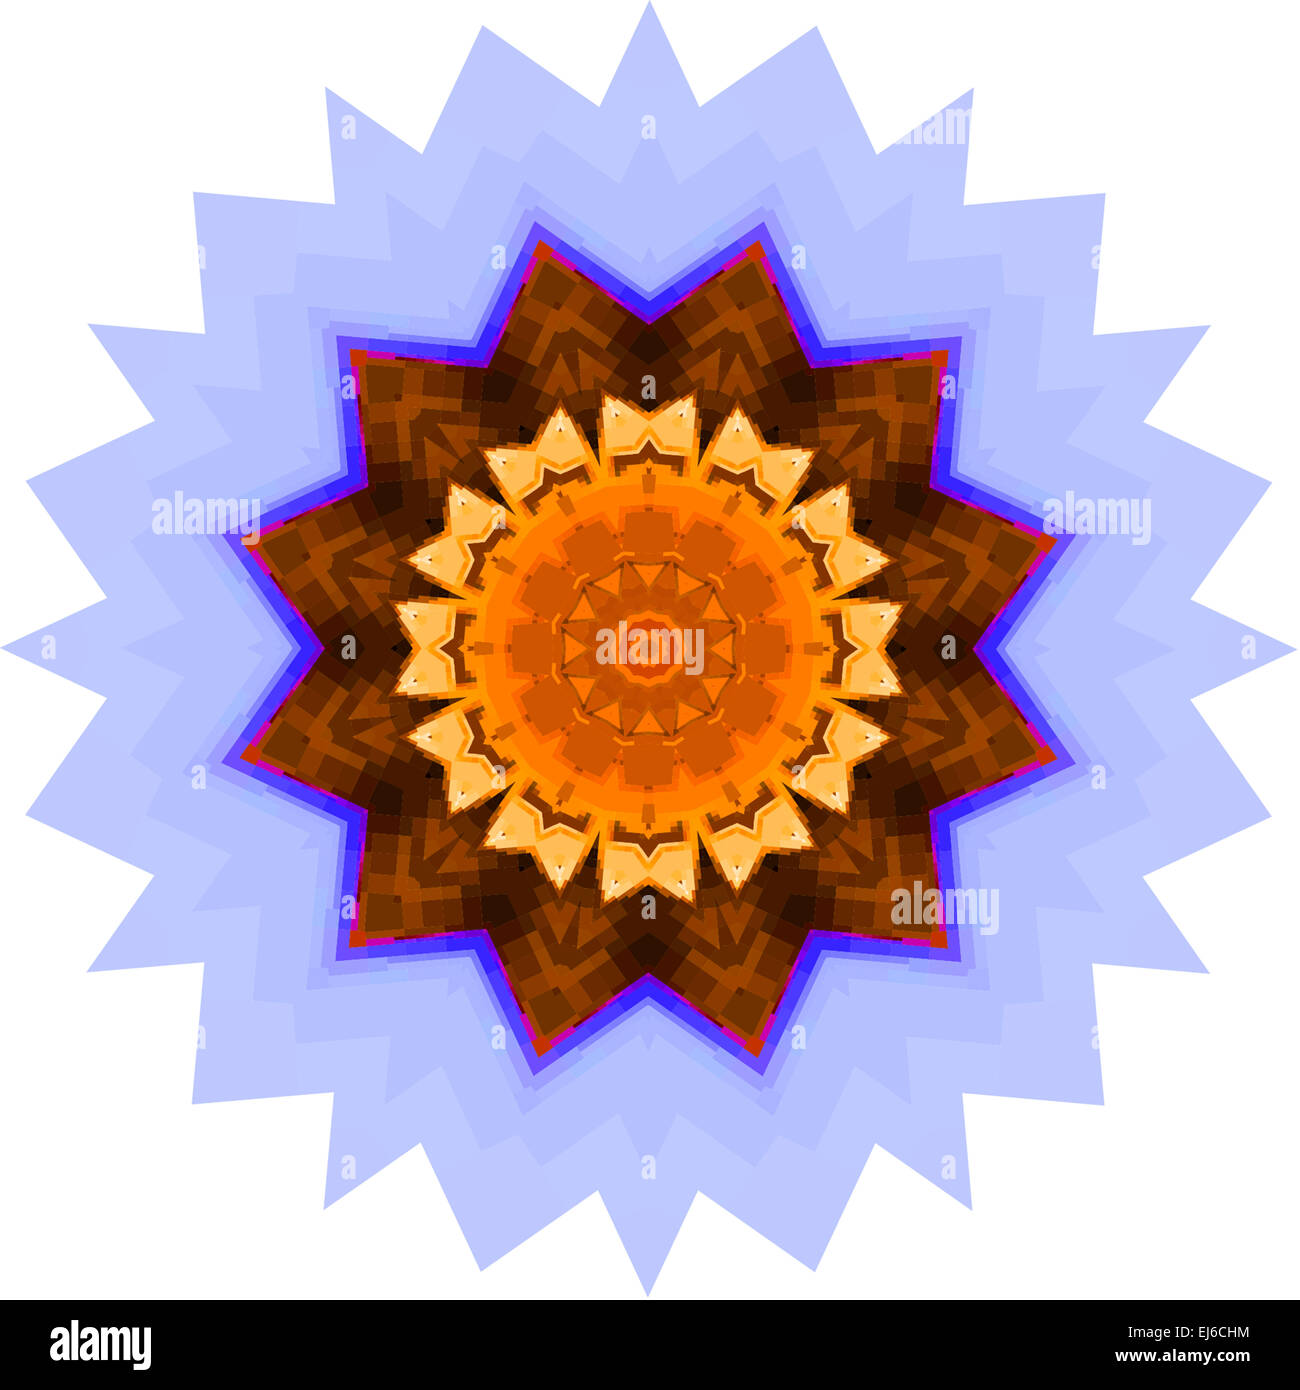 Un mandala roseta símbolo en azul, los tonos de color naranja y ...